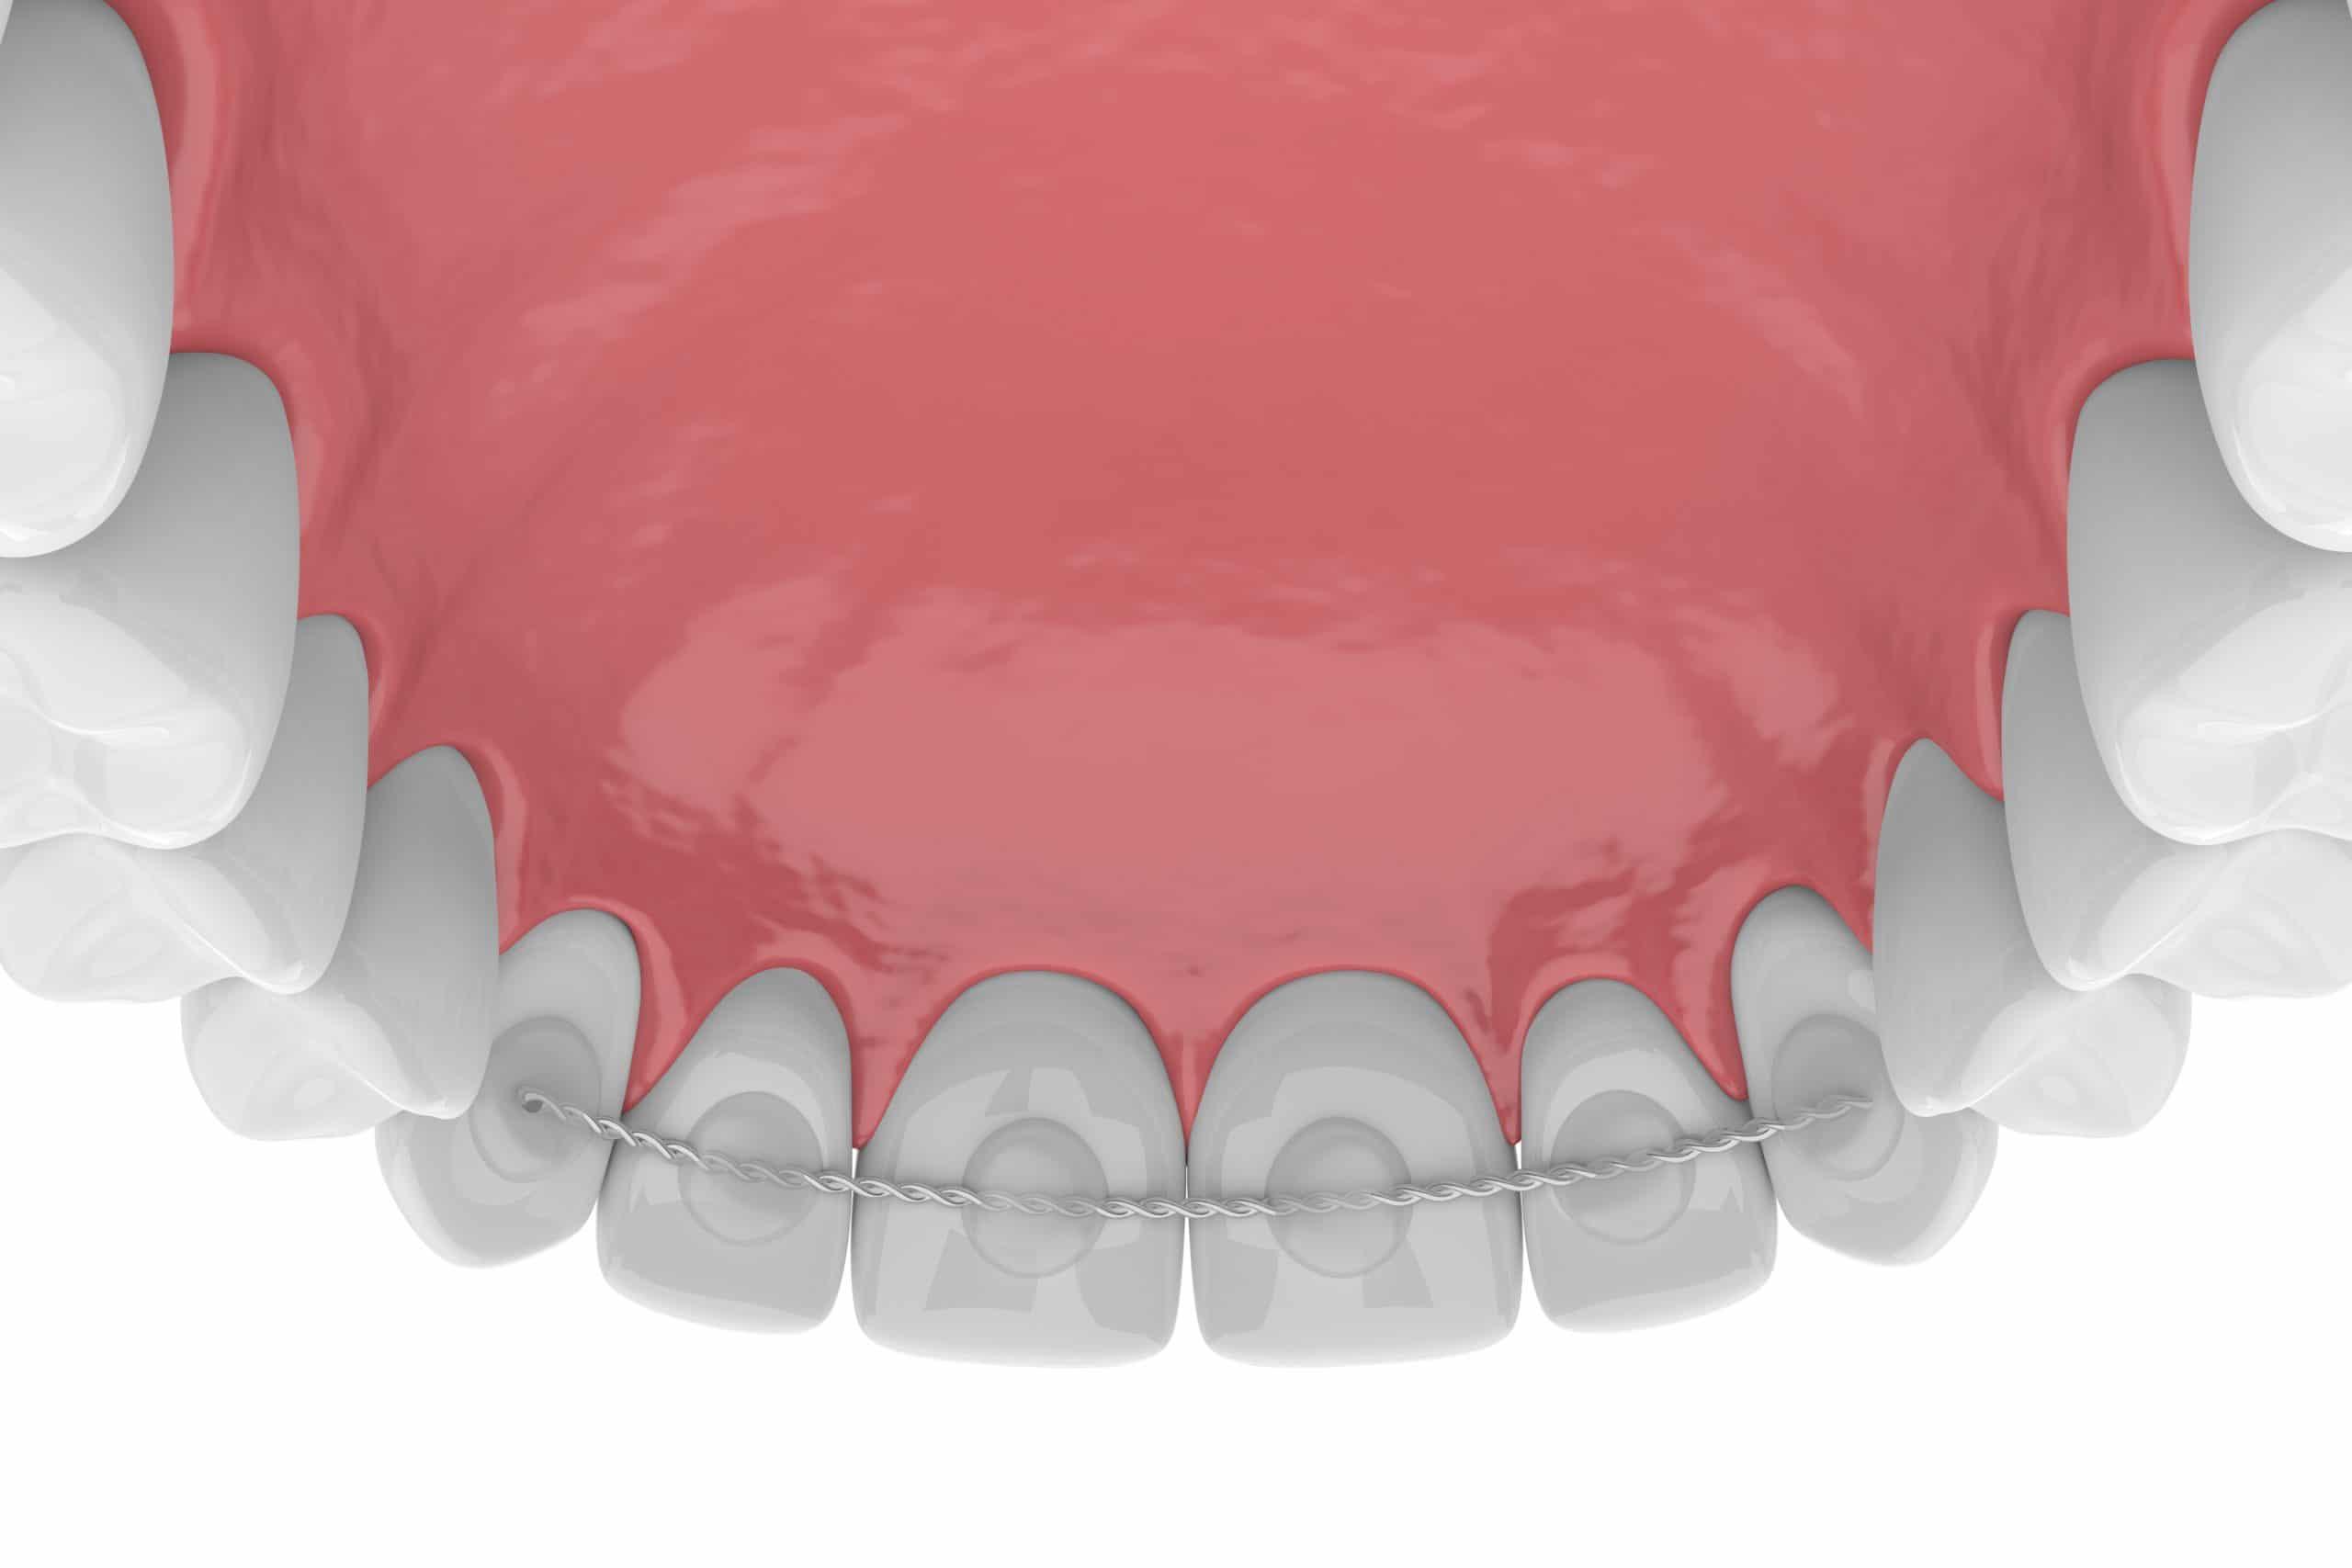 3d render of dental bonded retainer on upper jaw